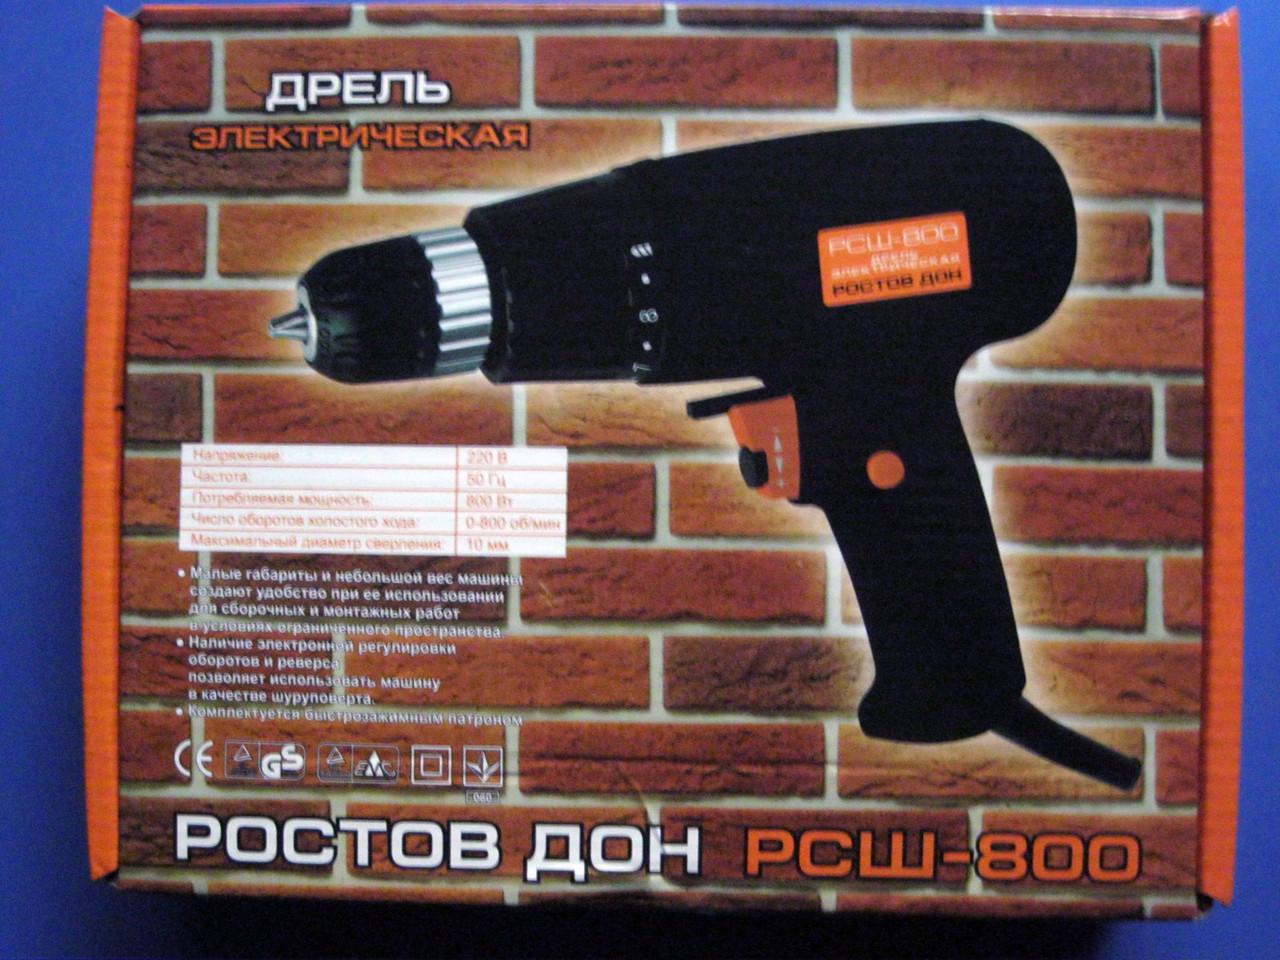 Сетевой шуруповерт Ростов Дон РСШ-800